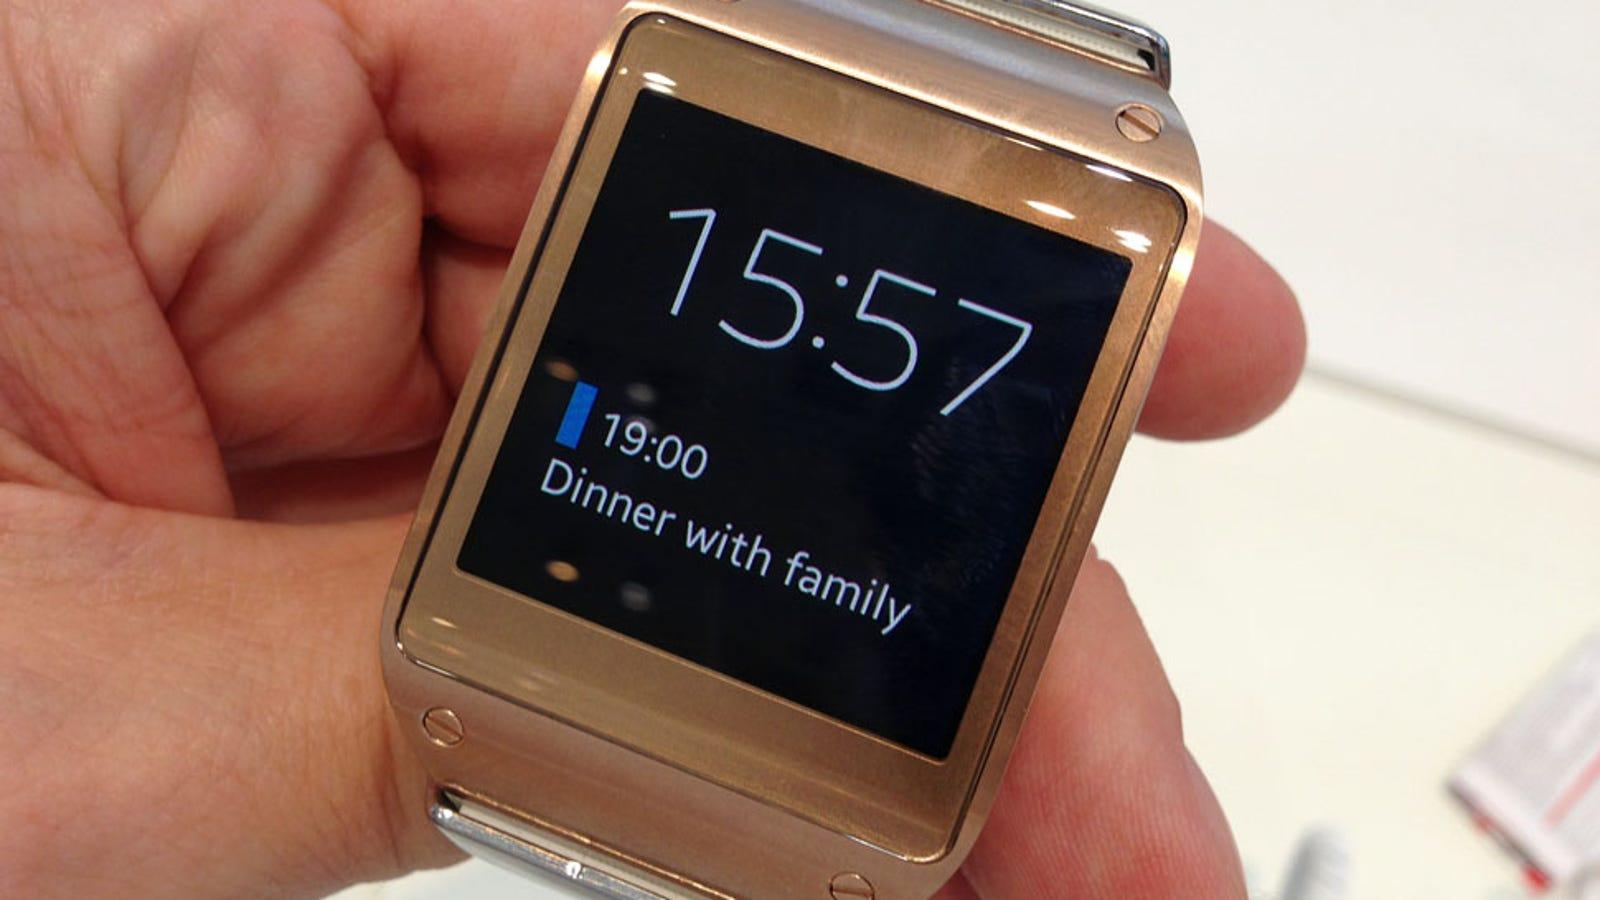 Samsung Galaxy Gear, análisis: demasiado caro para lo que ofrece